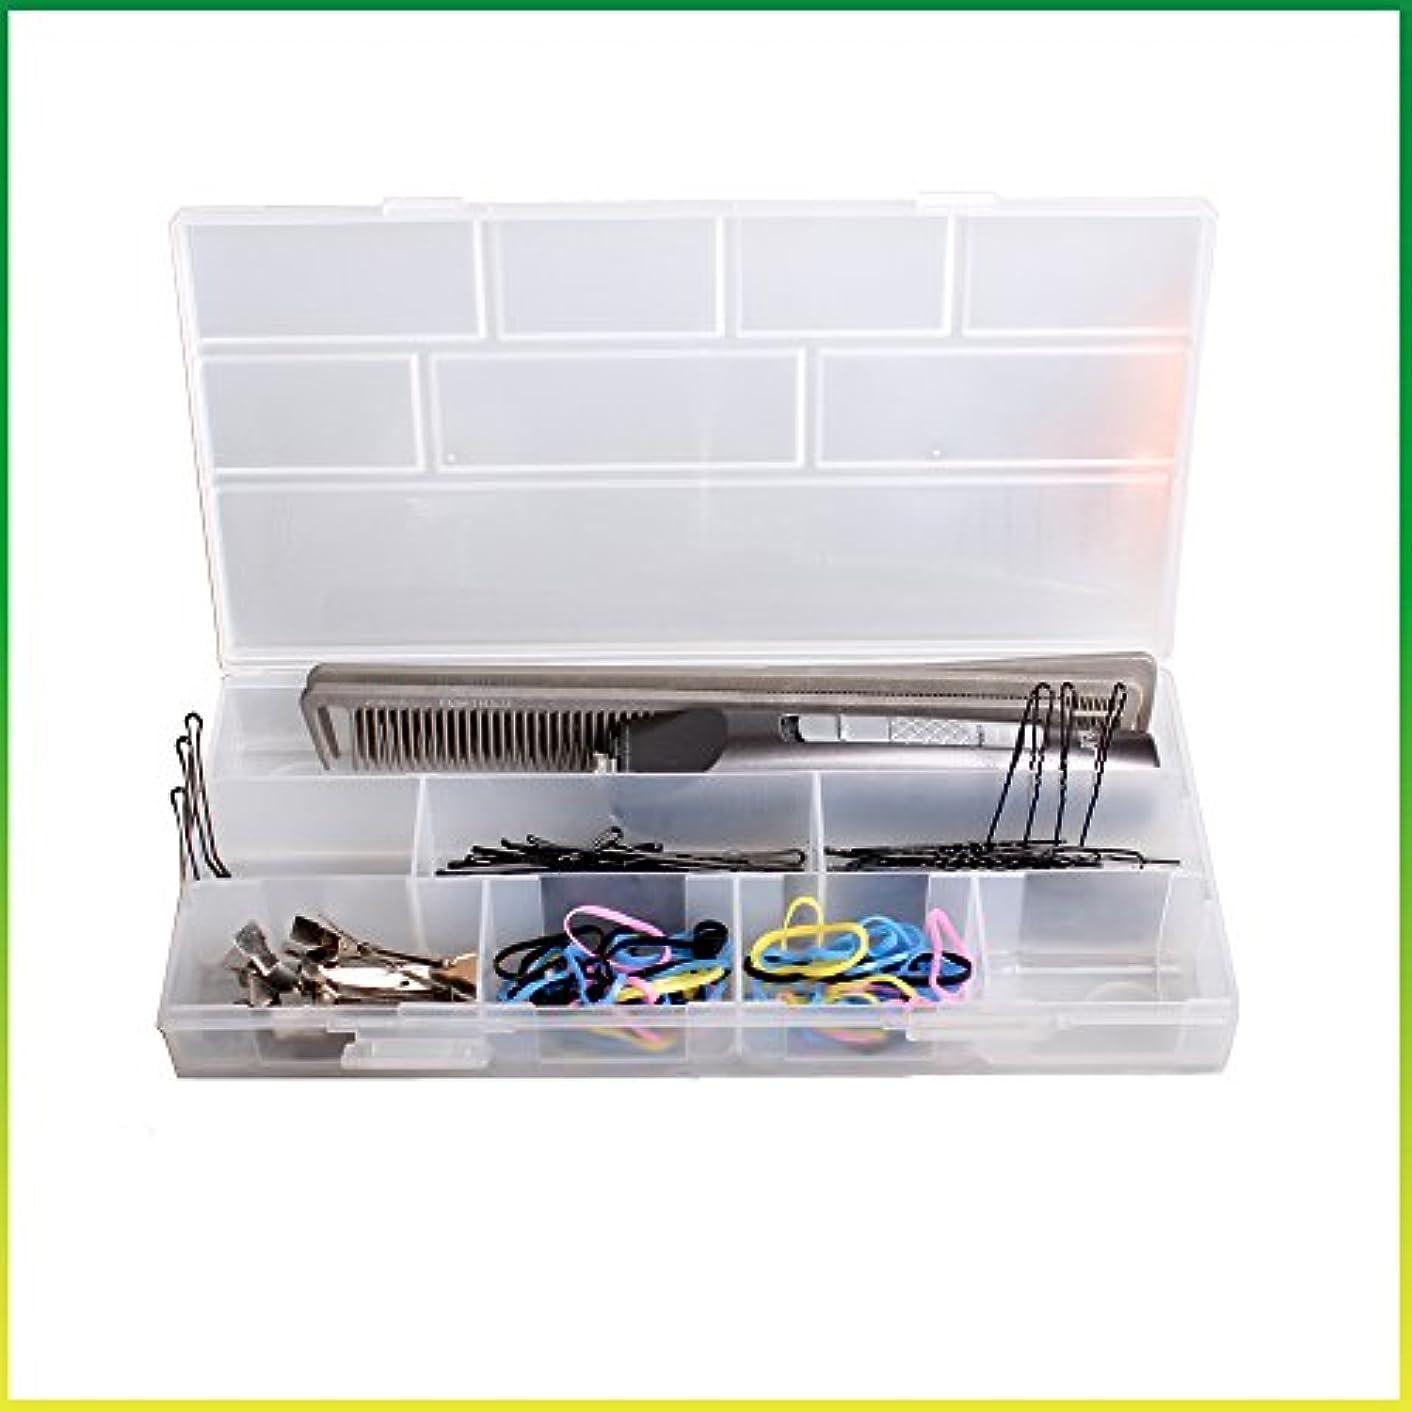 改修する頼むデイジーヘアピン ケース ノンスリップ コスメボックス メイクボックス メークボックス メイクケース メークケース ツールボックス ツールケース (ホワイト)